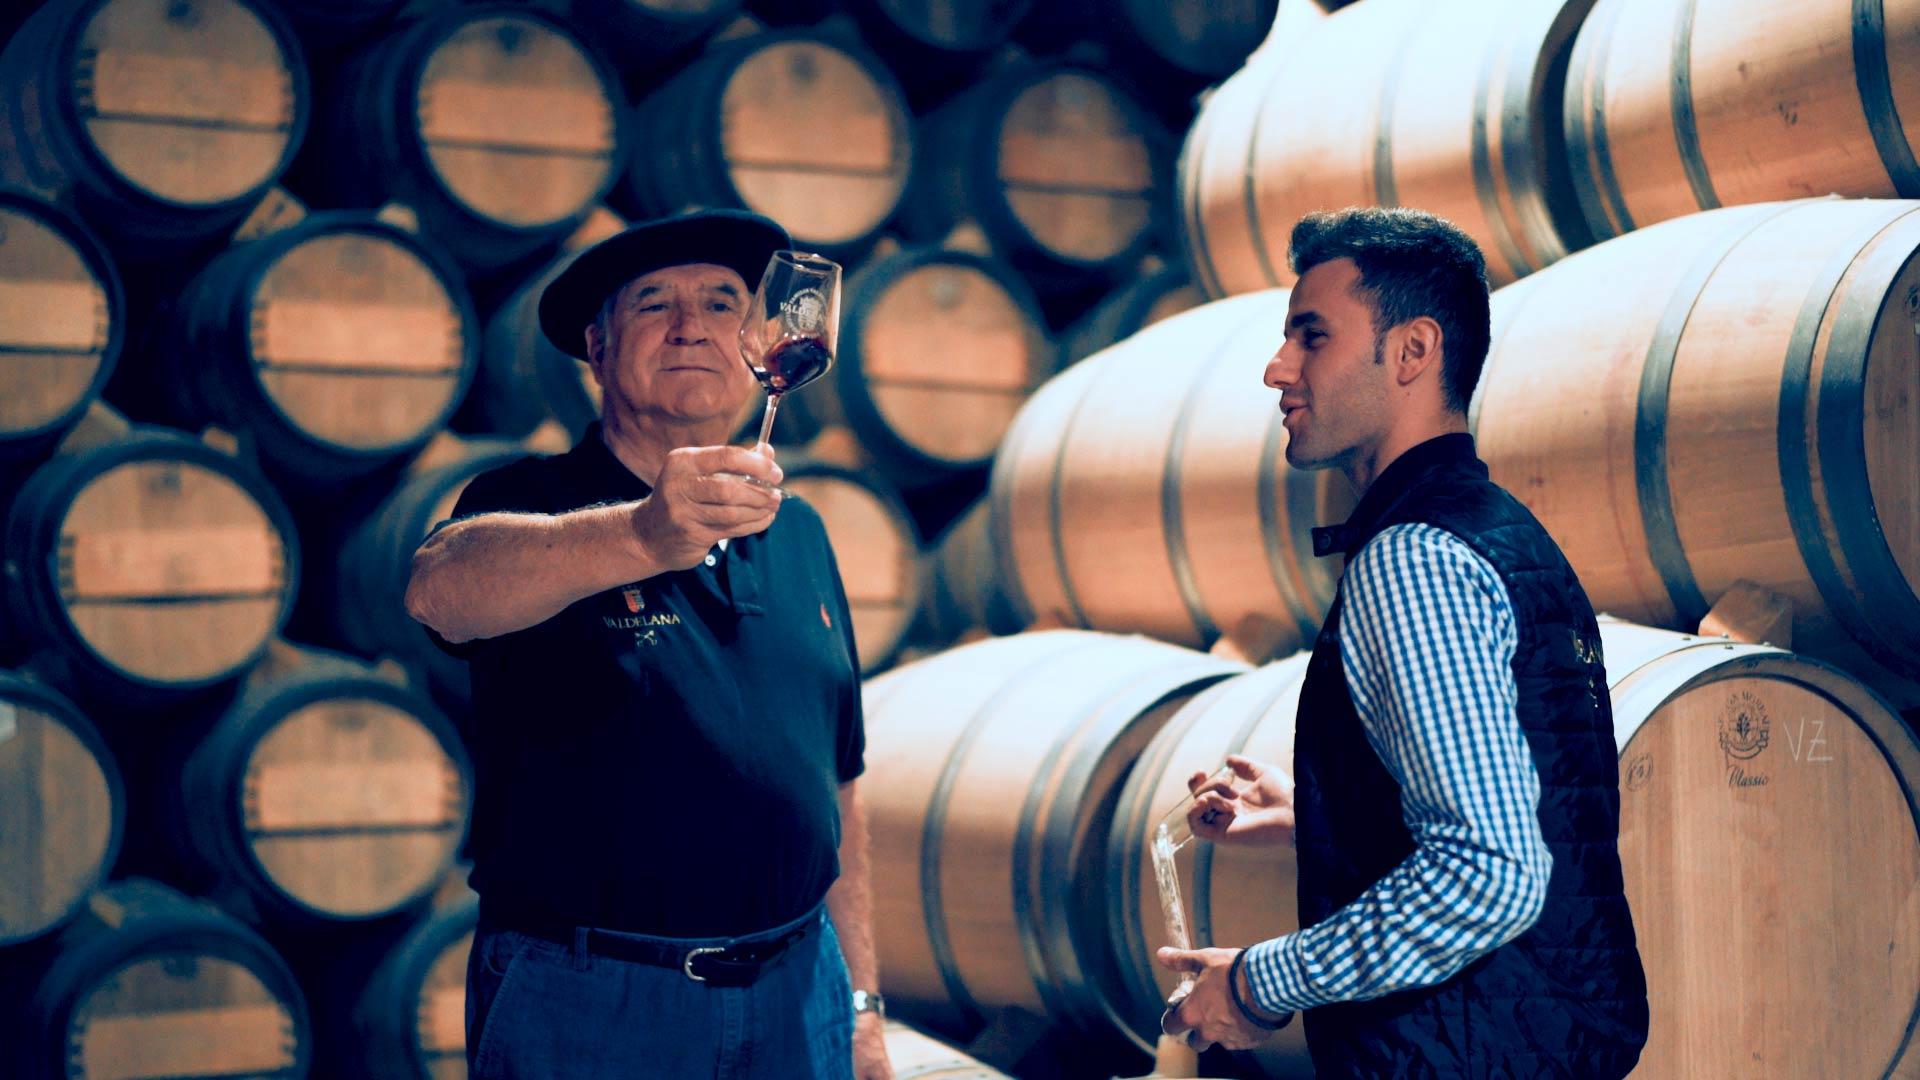 Isidoro y Juan en una escena del vídeo institucional de Bodegas Valdelana